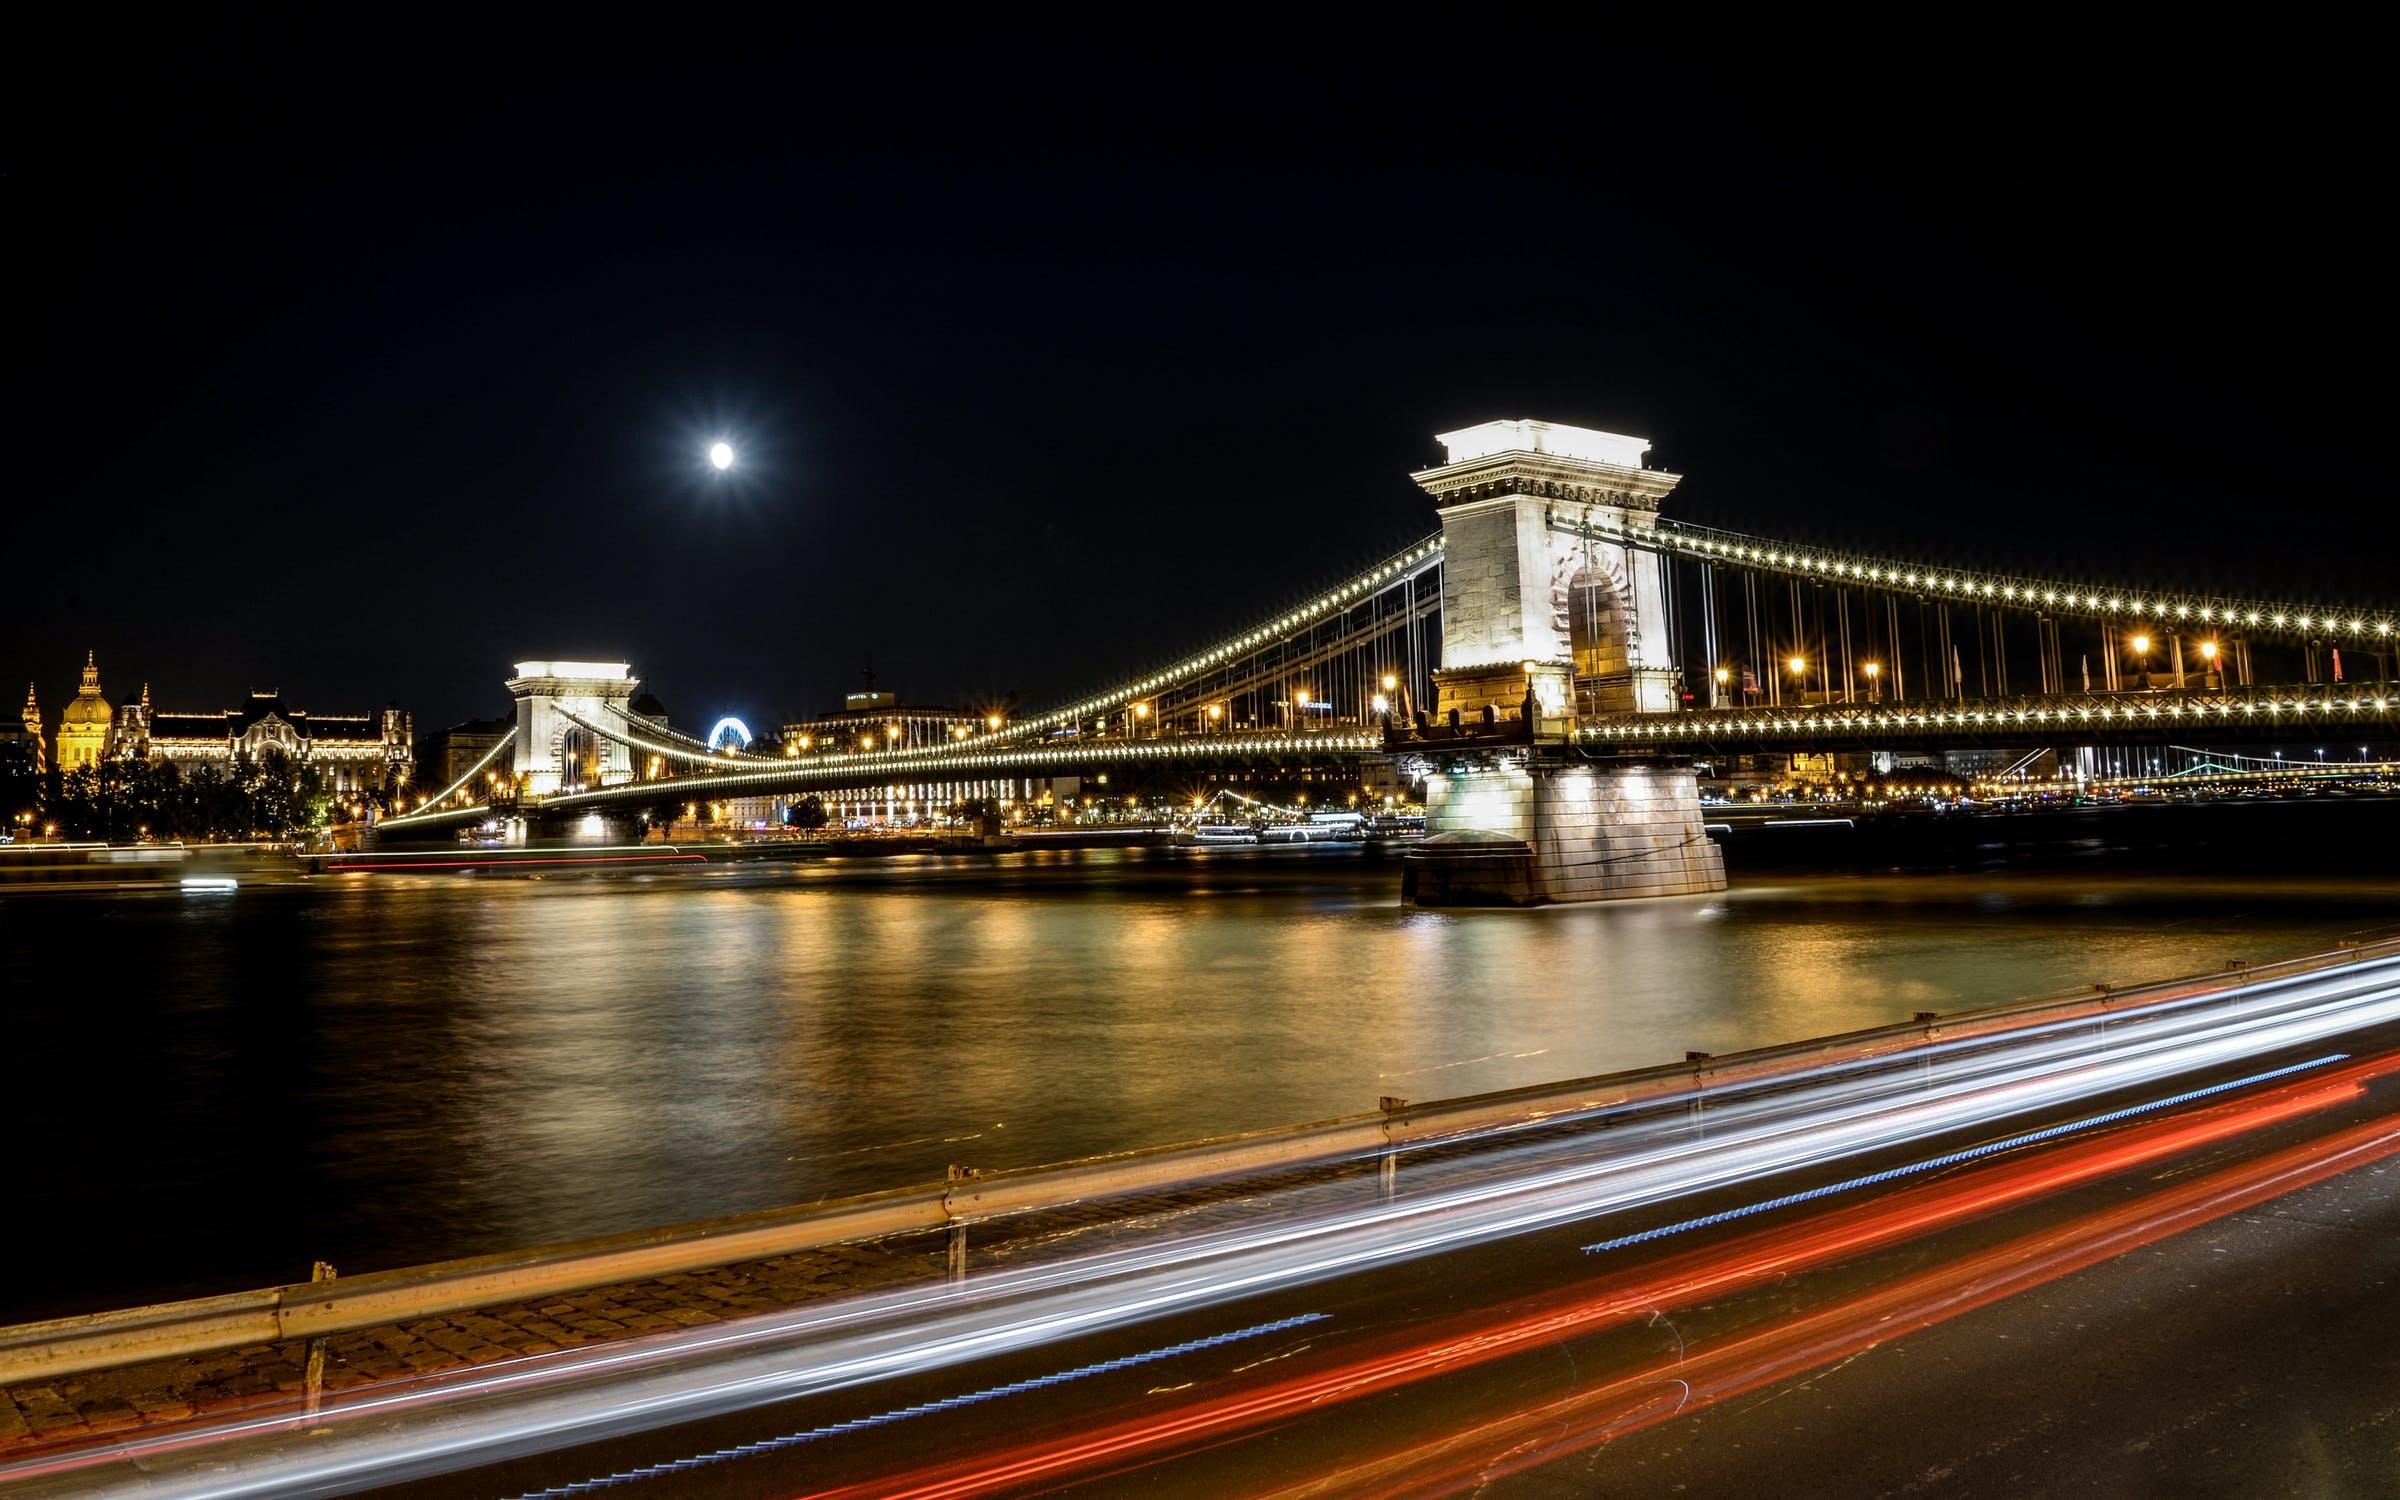 Przepisy drogowe, obowiązujące na Węgrzech